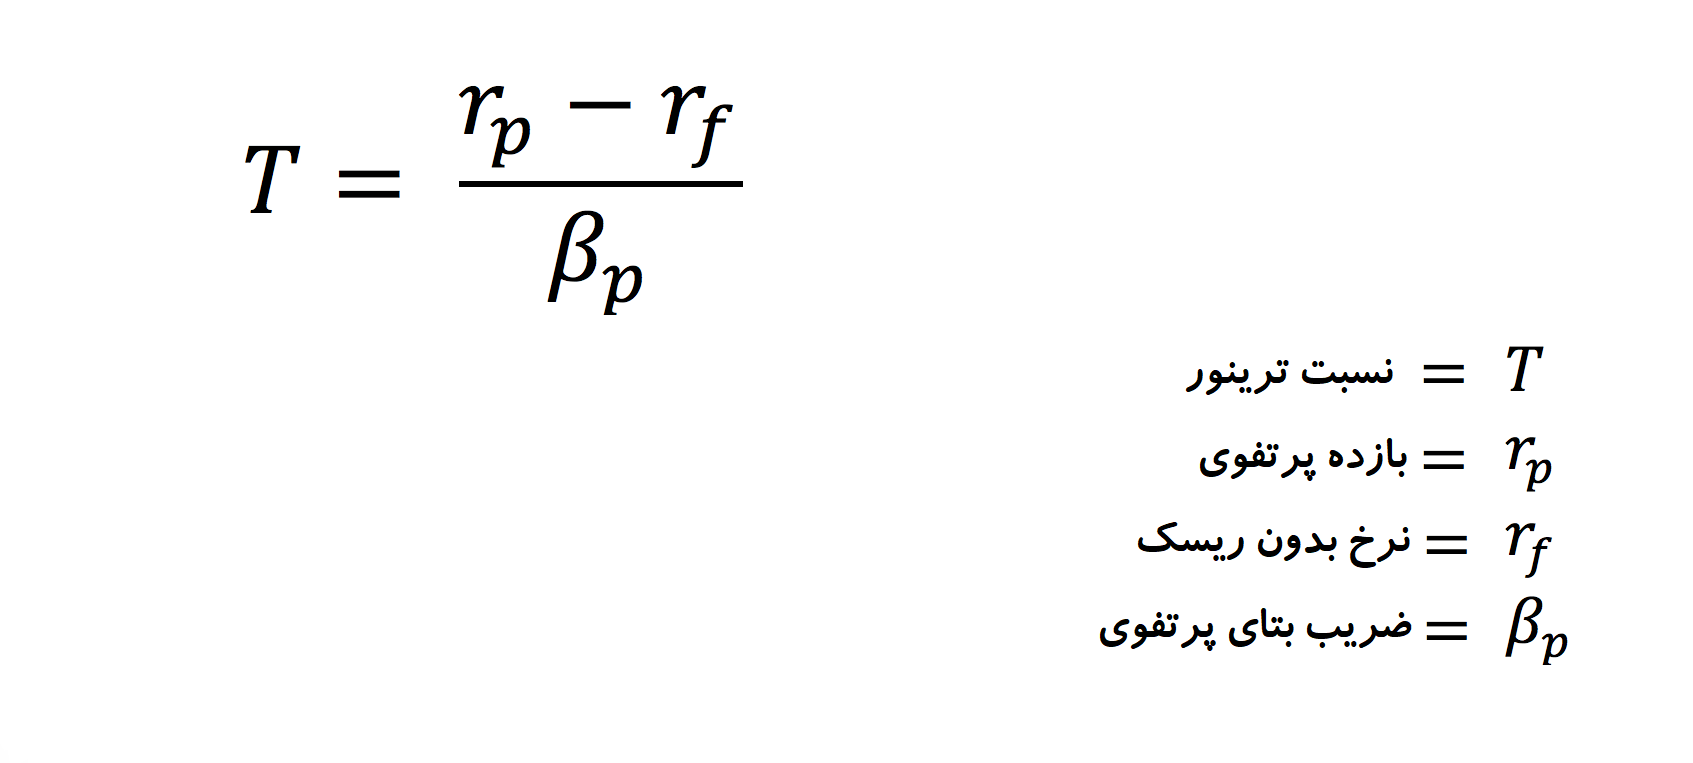 در فرمول نسبت ترینر، مازاد بازده پرتفوی (صرف بازده) بر ریسک سیستماتیک (ضریب بتا) تقسیم می شود. بدین ترتیب، میزان بازده مازاد نسبت به یک واحد ریسک سیستماتیک بدست می آید.